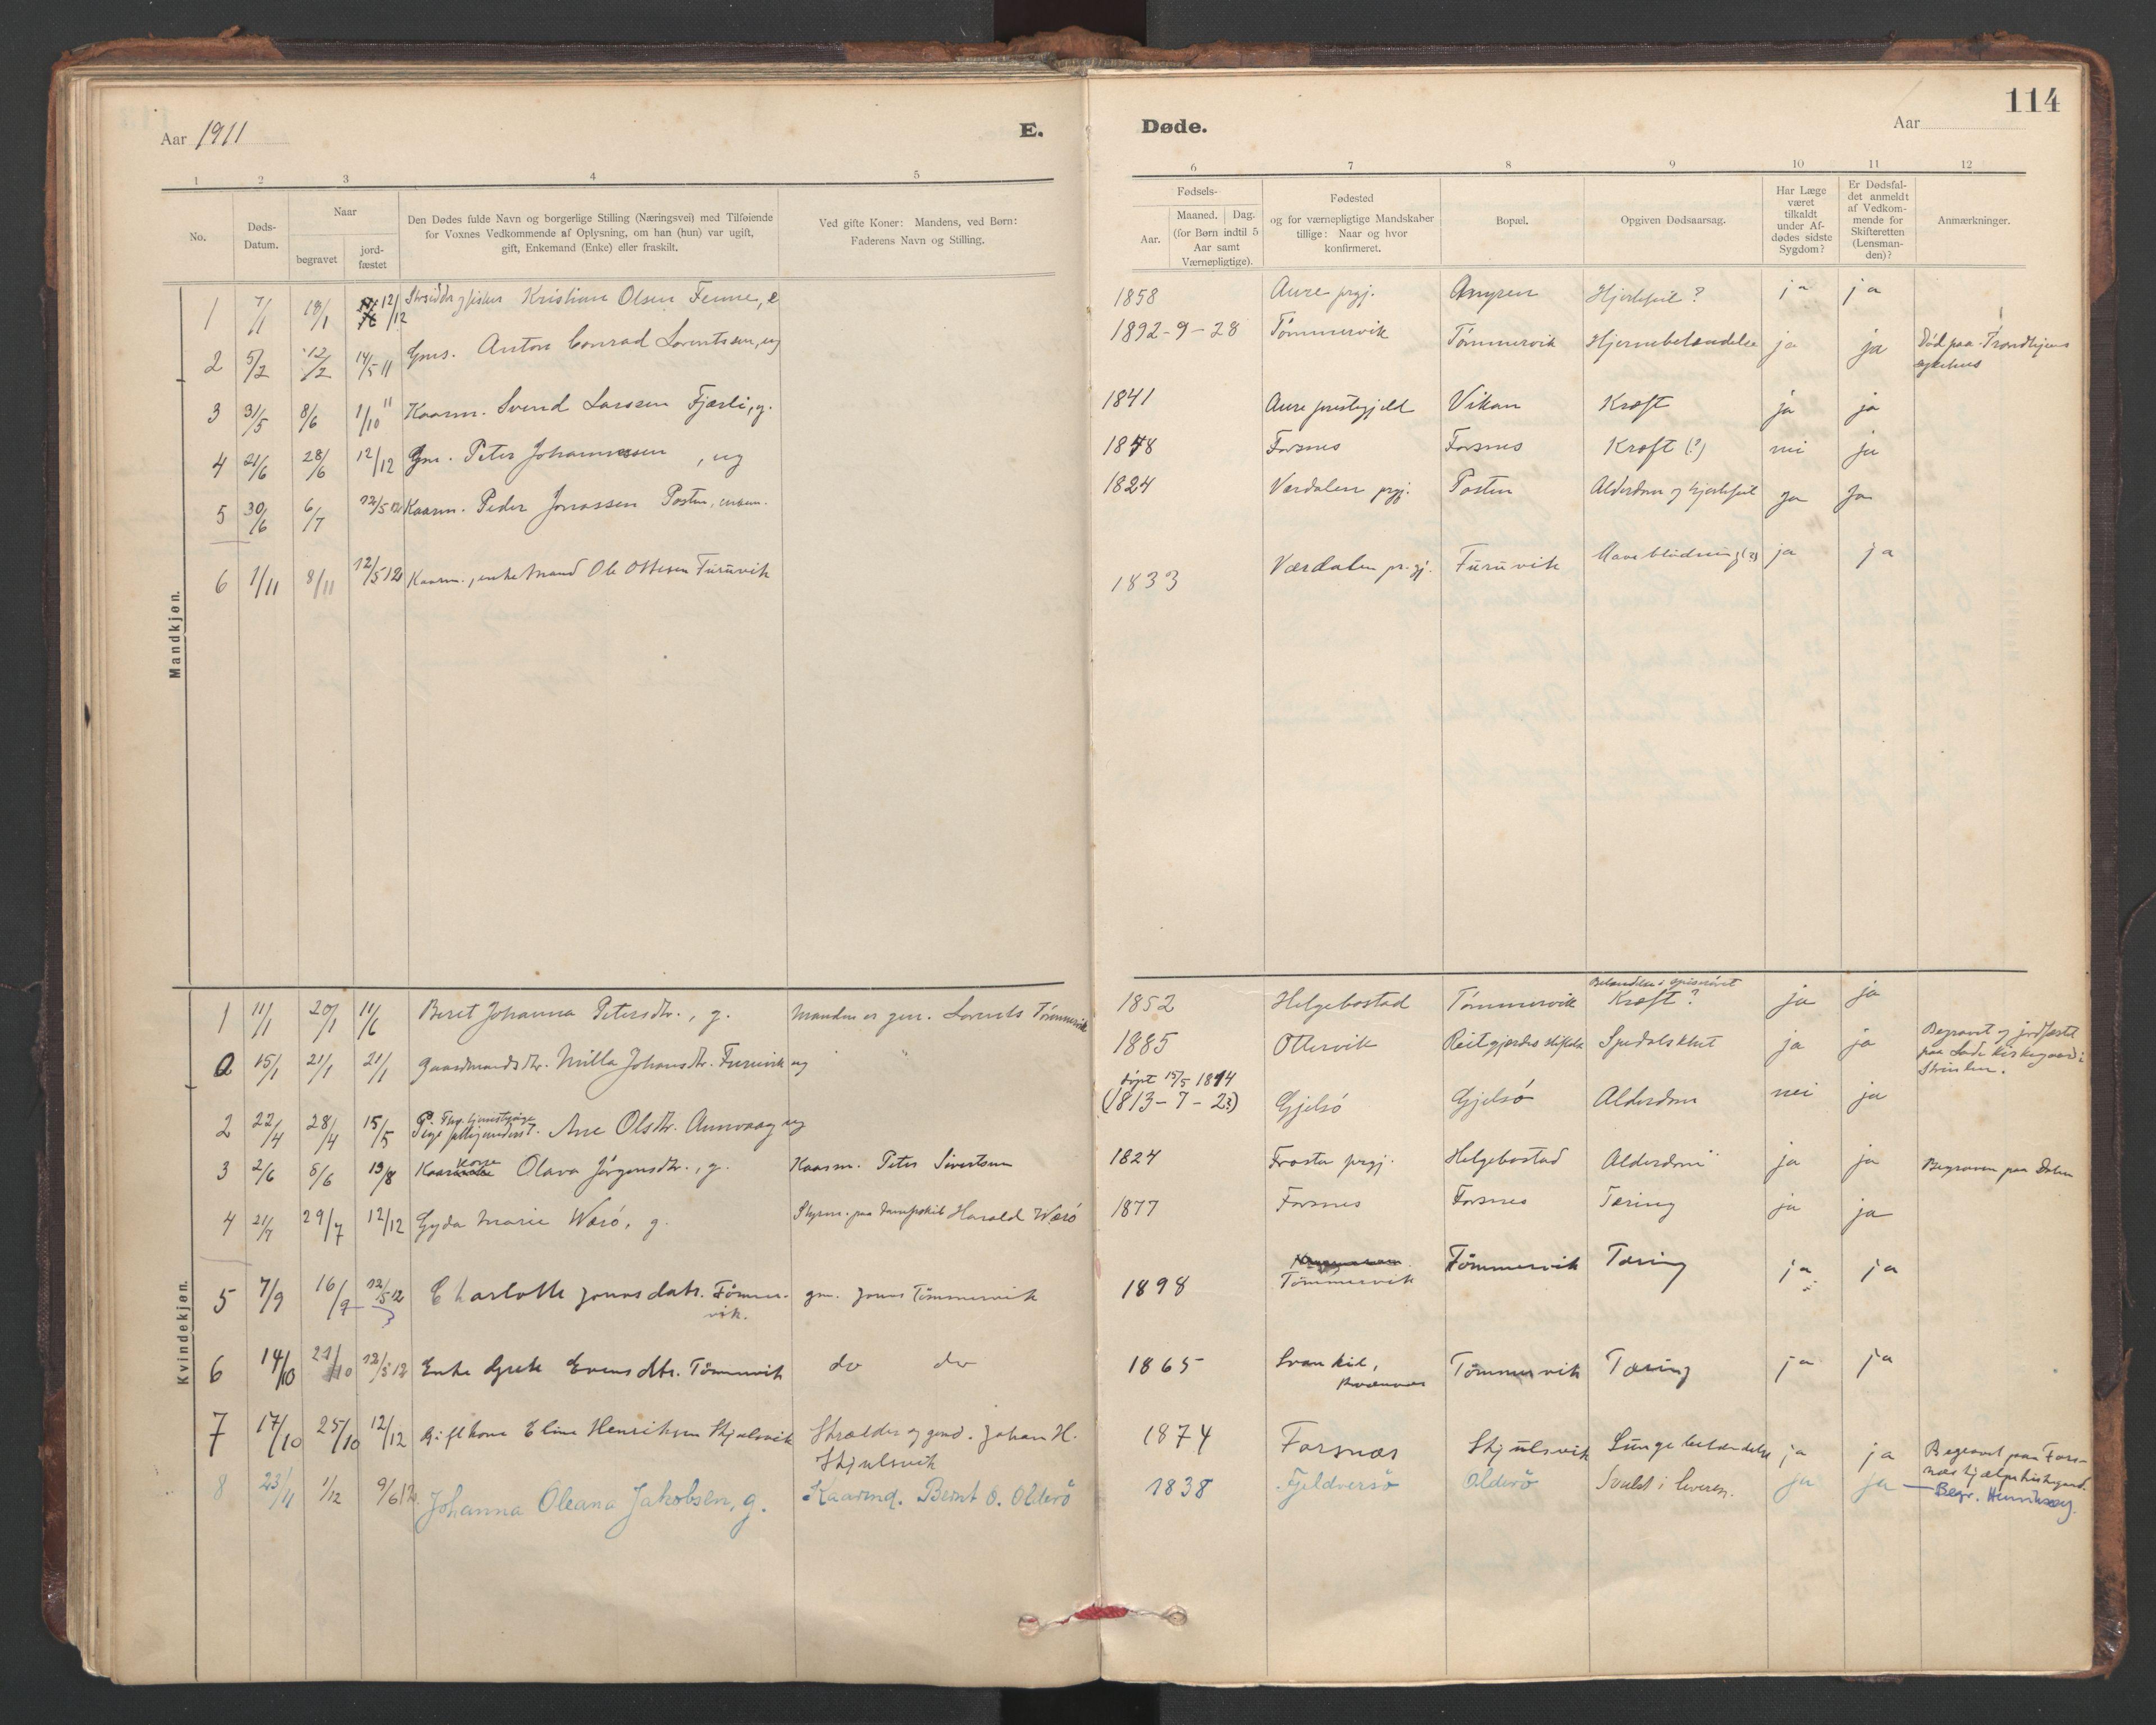 SAT, Ministerialprotokoller, klokkerbøker og fødselsregistre - Sør-Trøndelag, 635/L0552: Ministerialbok nr. 635A02, 1899-1919, s. 114